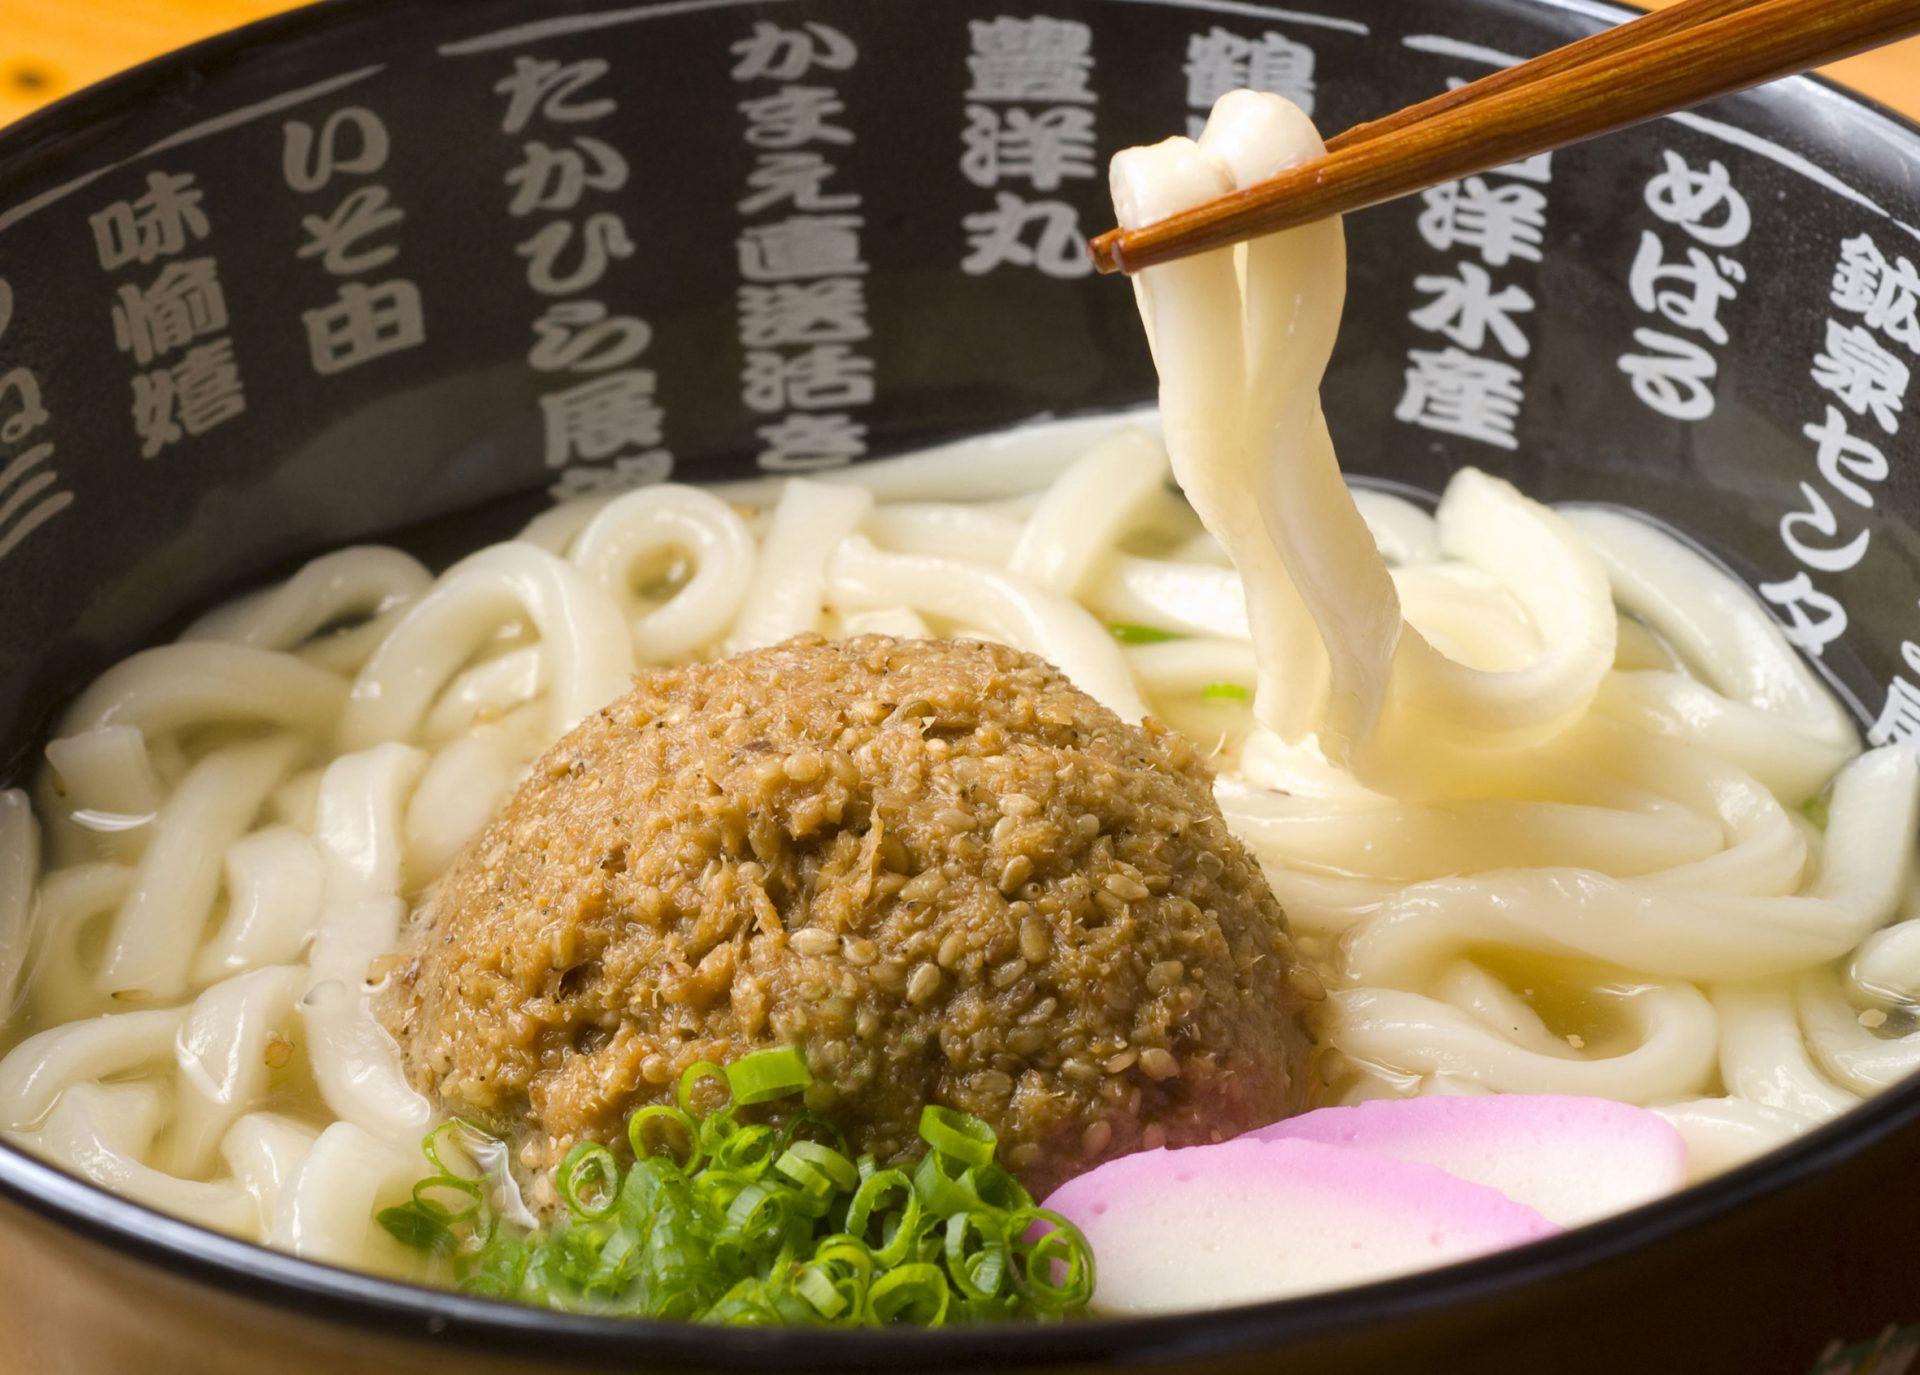 佐伯ごまだしうどん 大分 ご 当地 グルメ 名物 料理 B級 九州 旅行 観光 おすすめ